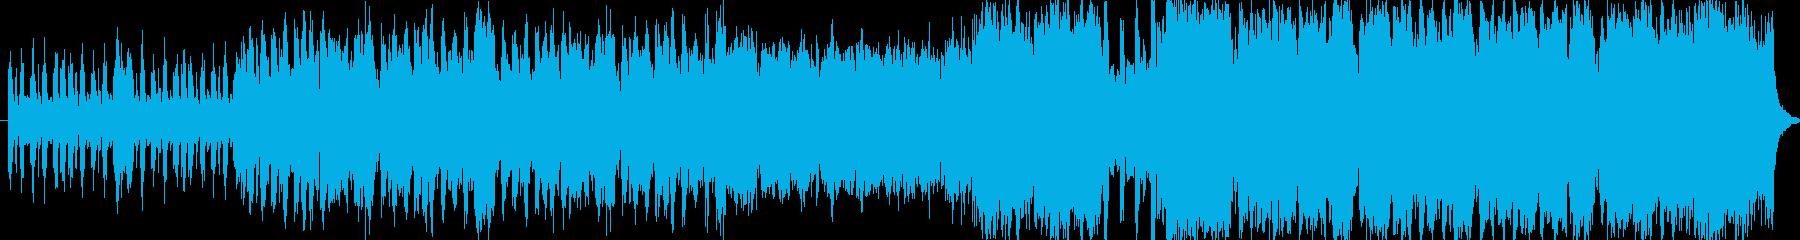 爽やか、疾走感のあるBGMの再生済みの波形